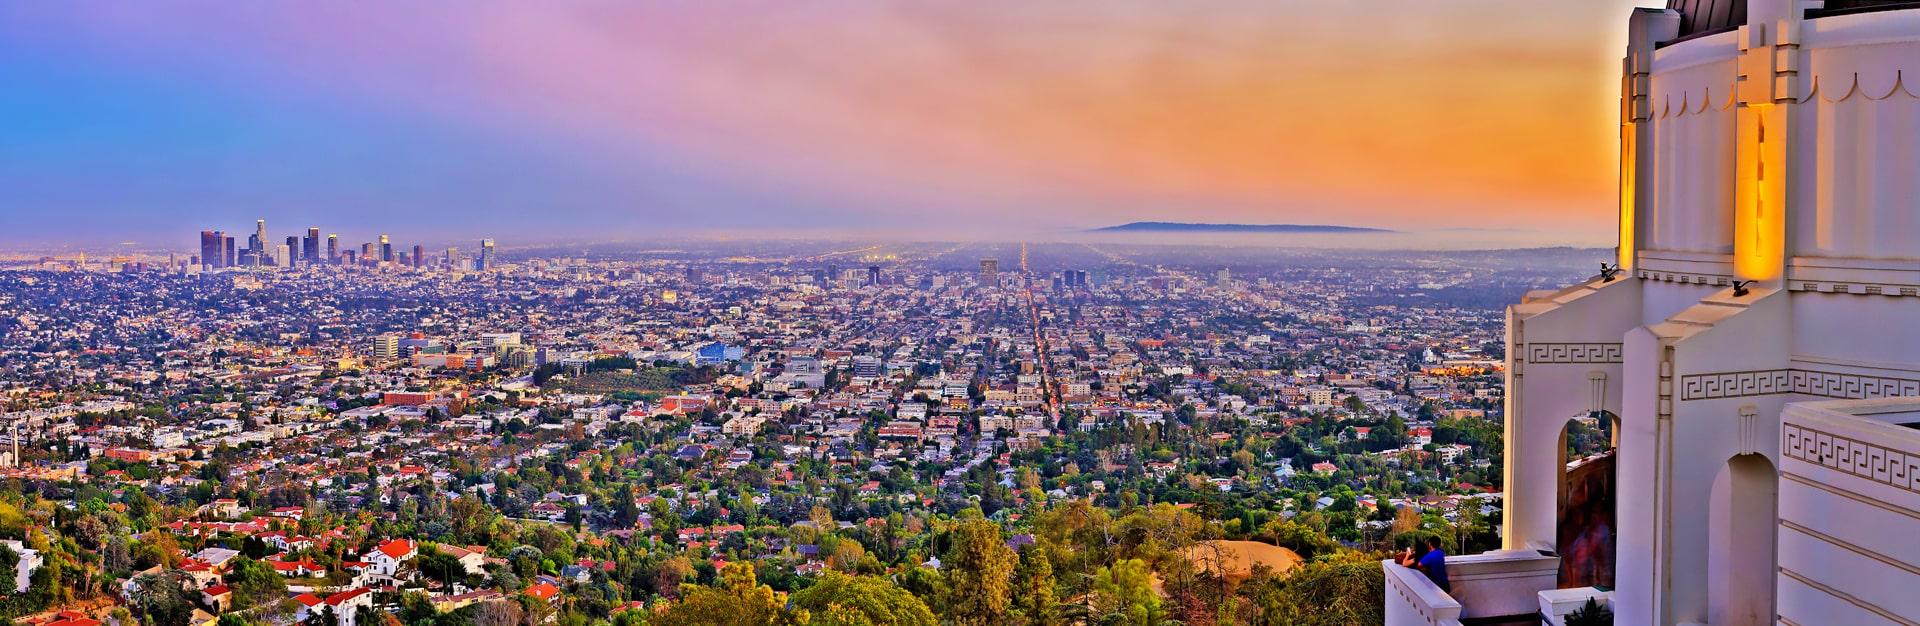 Curso de verano para jóvenes adolescentes en Los Ángeles